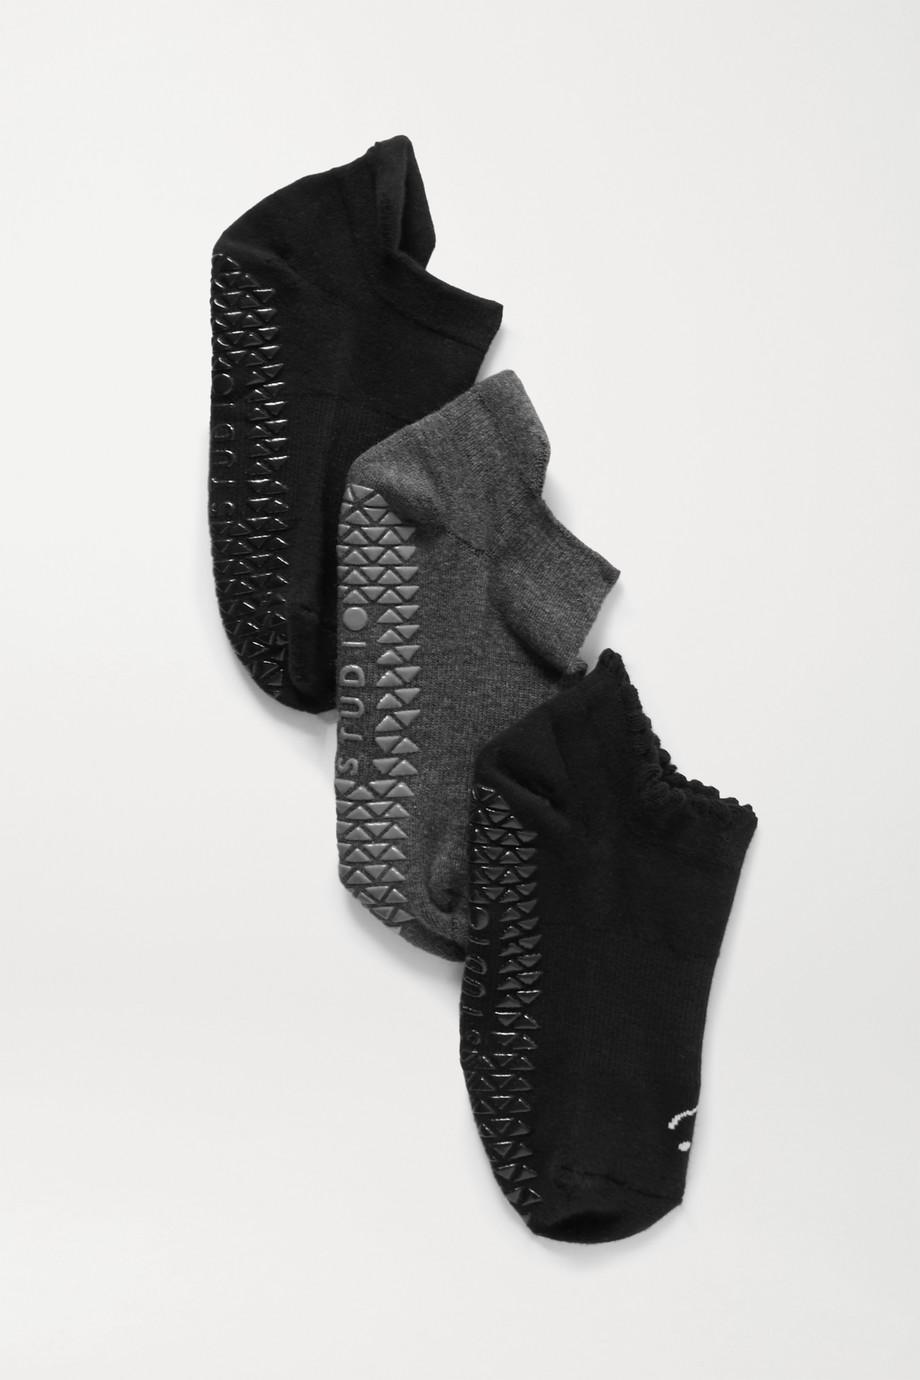 POINTE STUDIO Core Studio Set aus drei Paar Socken aus einer Baumwollmischung